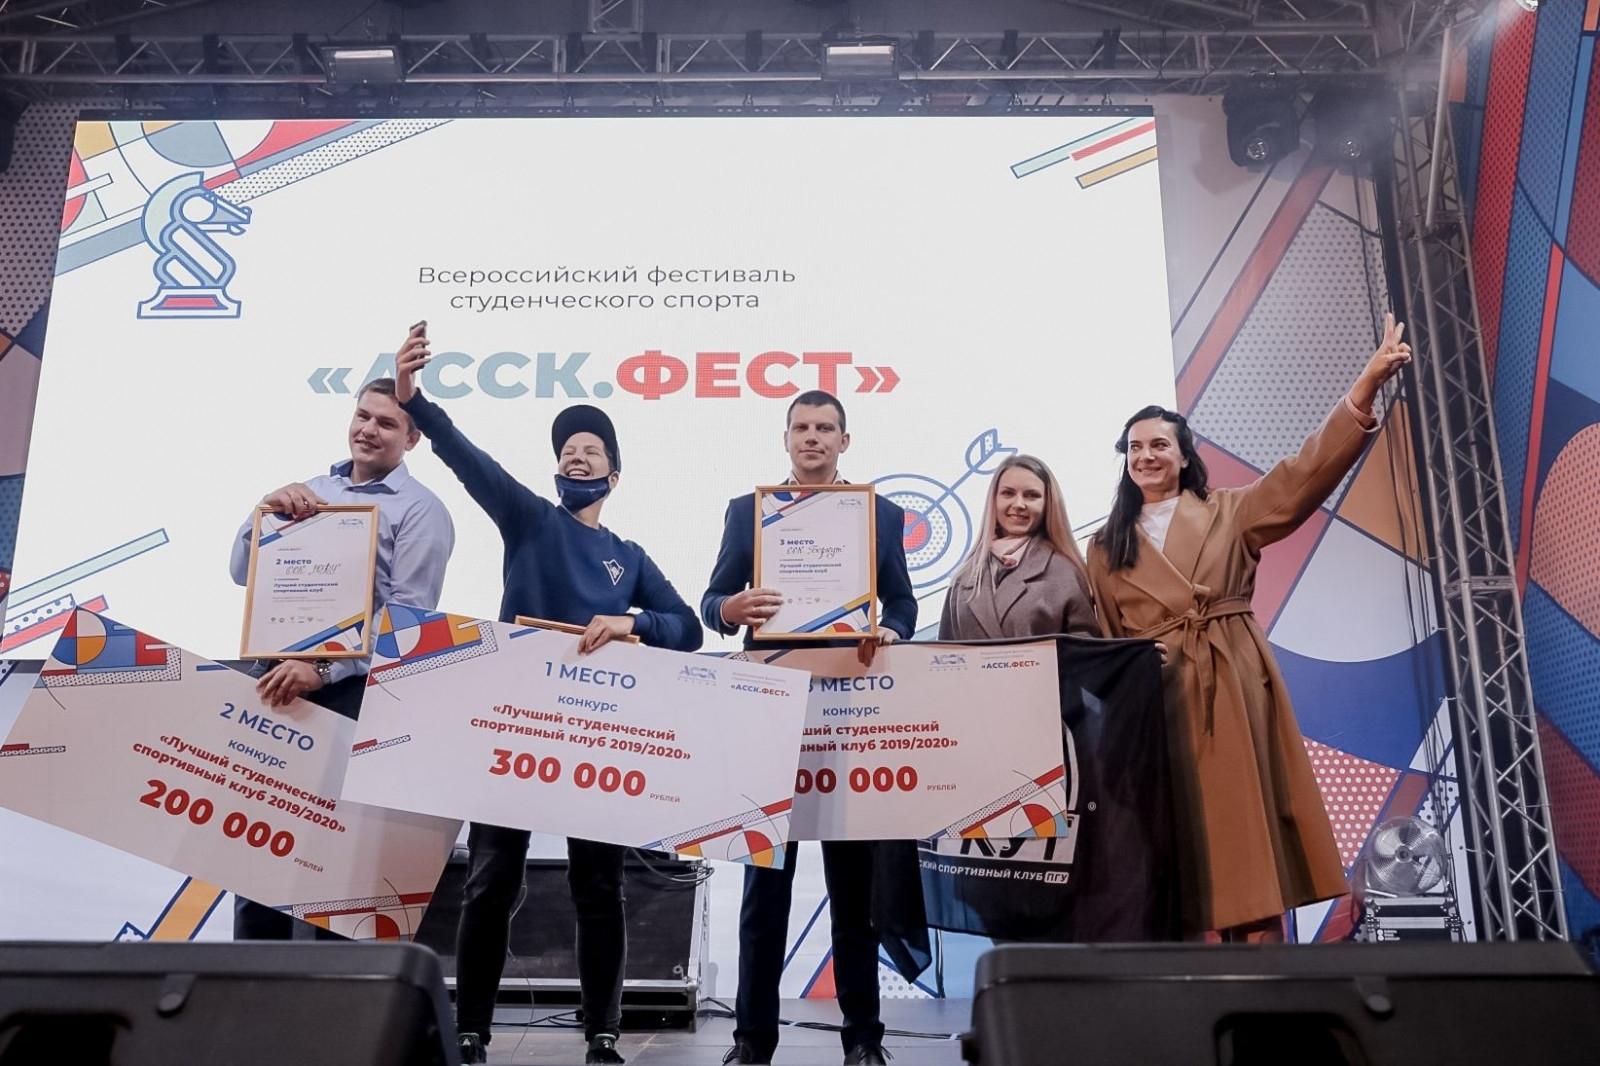 Студенческий спортклуб ЮФУ стал вторым среди лучших студенческих спортивных клубов России